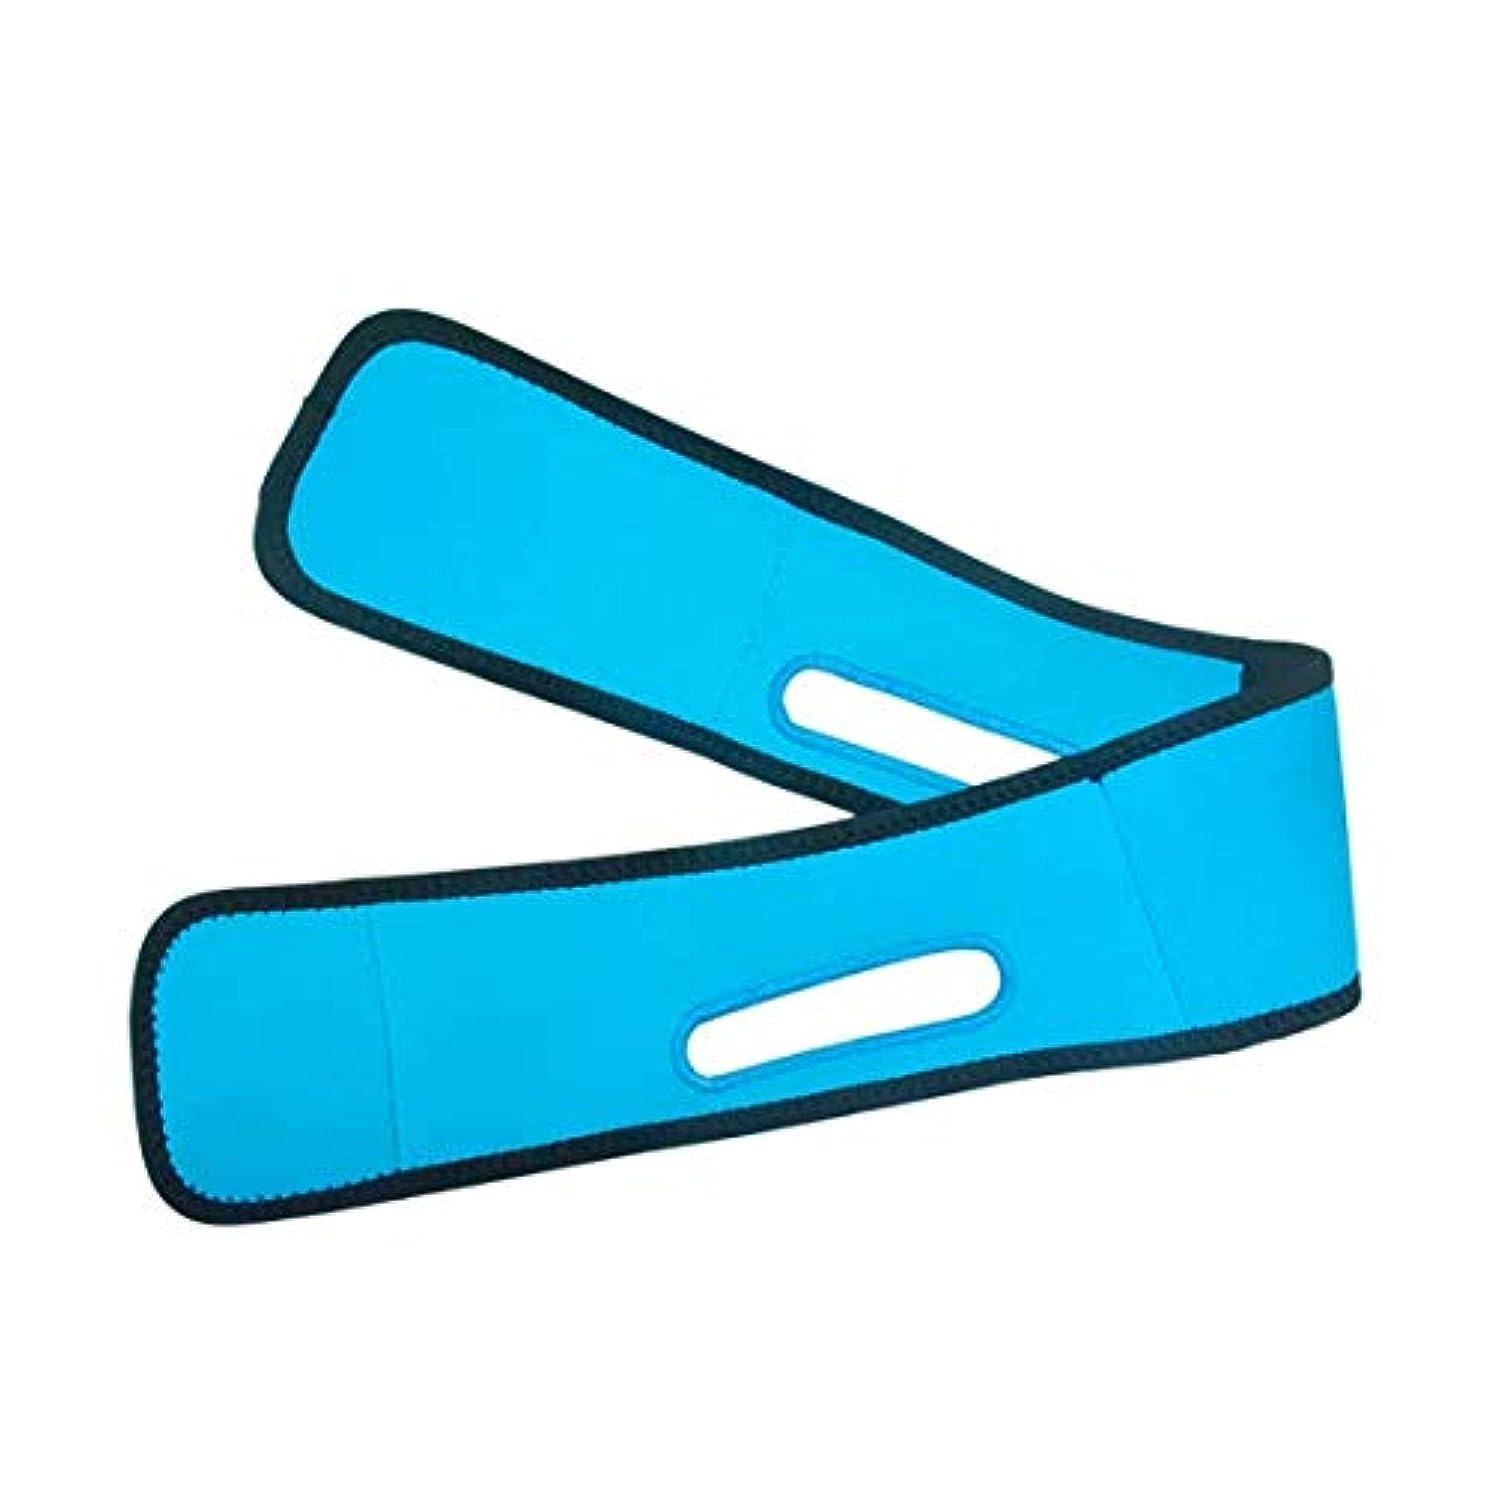 和らげる素人債務スリミングベルト、フェイスマスクVフェイスアーティファクトマッサージマスクで顎の筋肉の収縮を強化し、Vフェイスリフトのタイトな包帯を簡単に形成